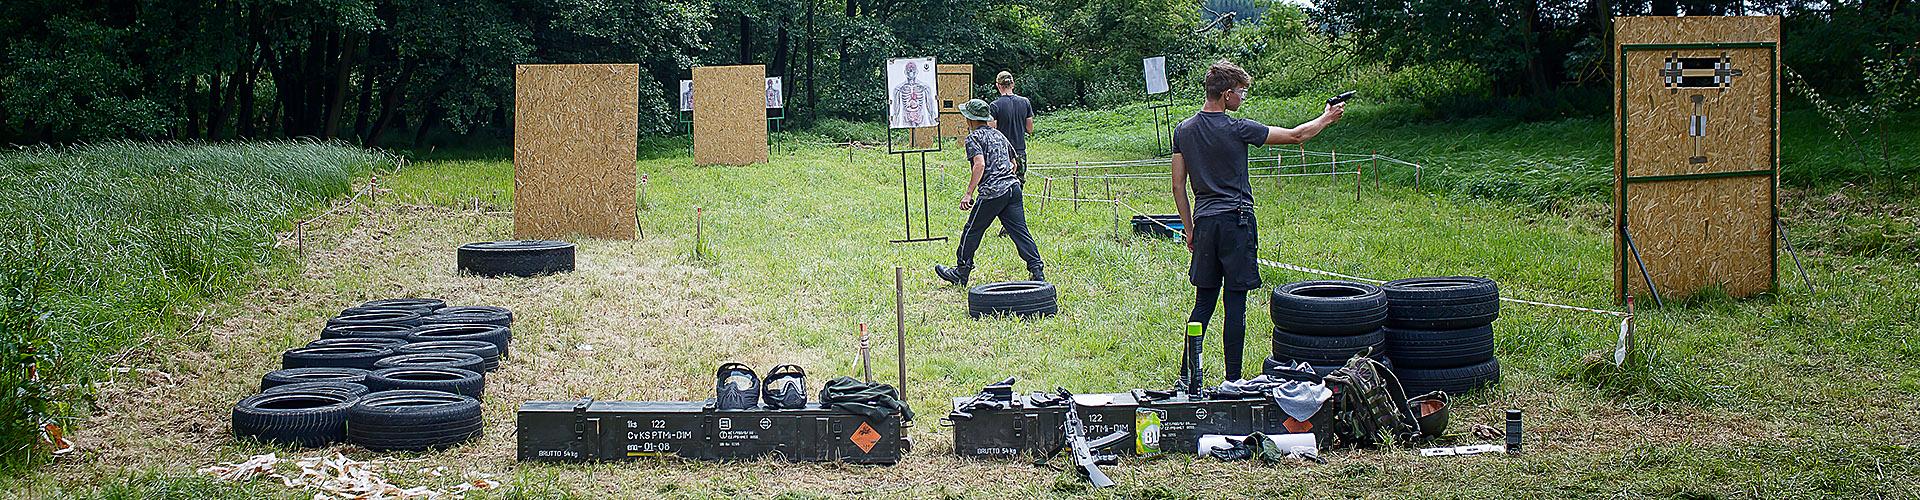 Airsoftová střelnice - Airsoft tábor VOJENSKÁ AKADEMIE